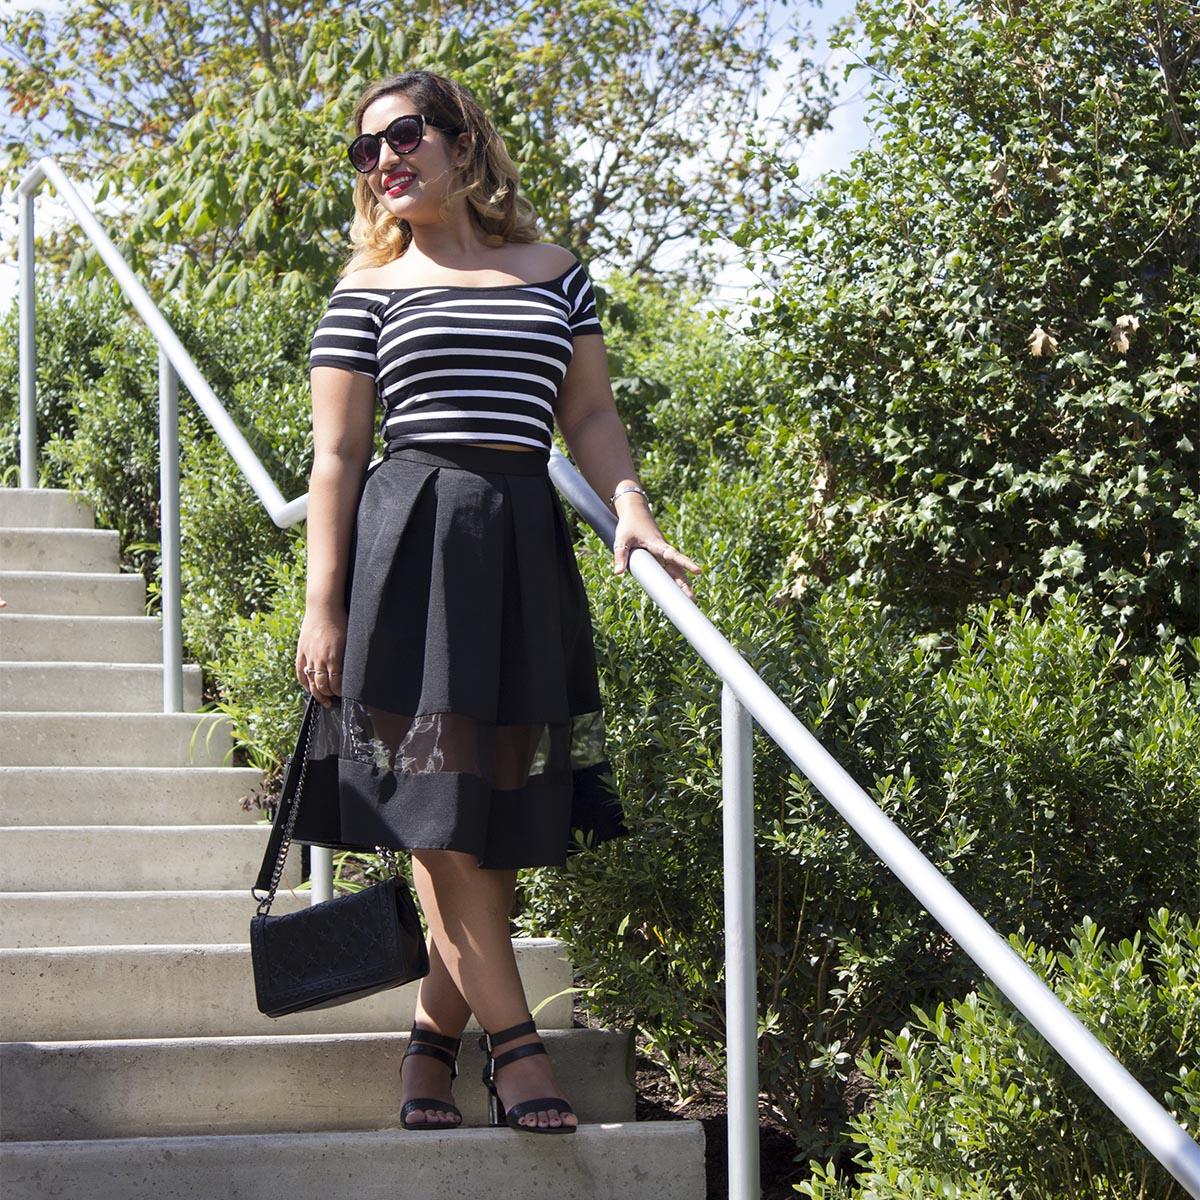 Krity S_black midi skirt classy5.jpg